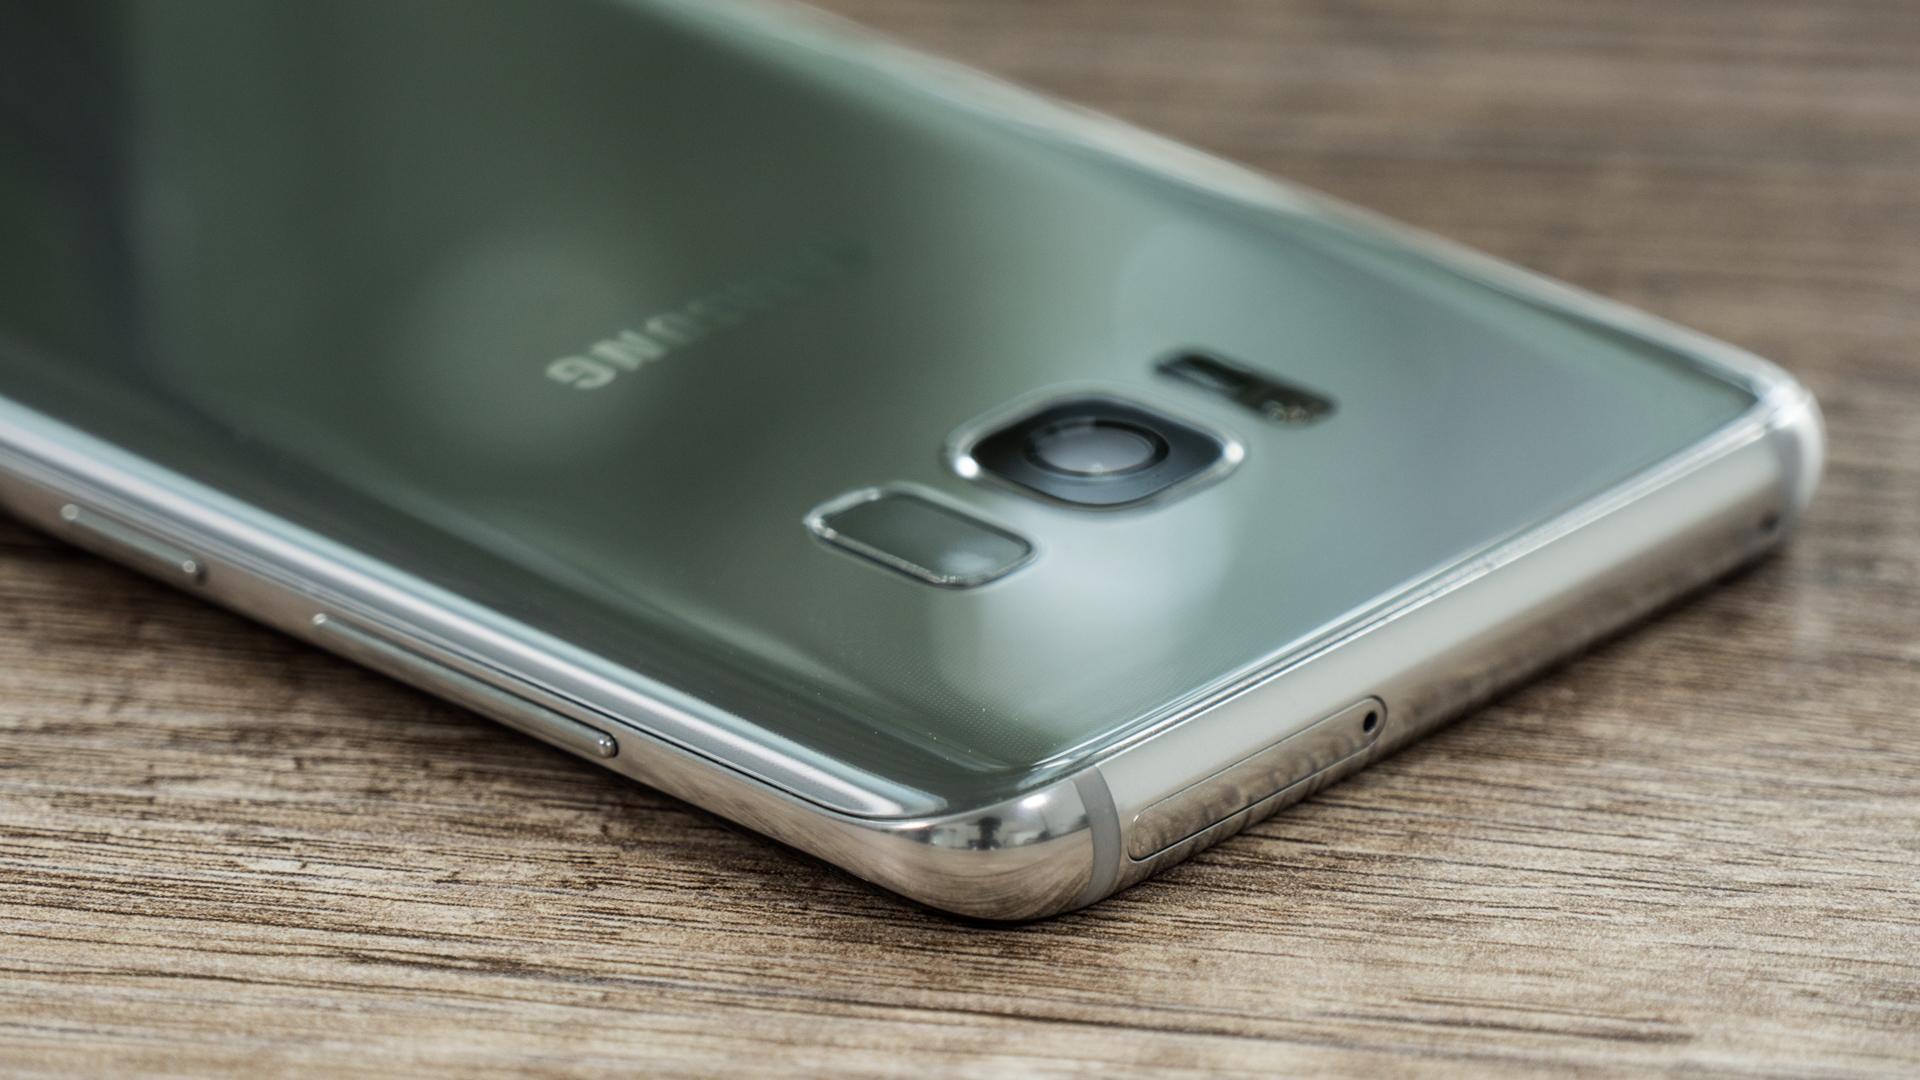 Bilder Auf Sd Karte Verschieben S8.Apps Auf Sd Karte Verschieben So Geht S Auf Galaxy S8 Note 8